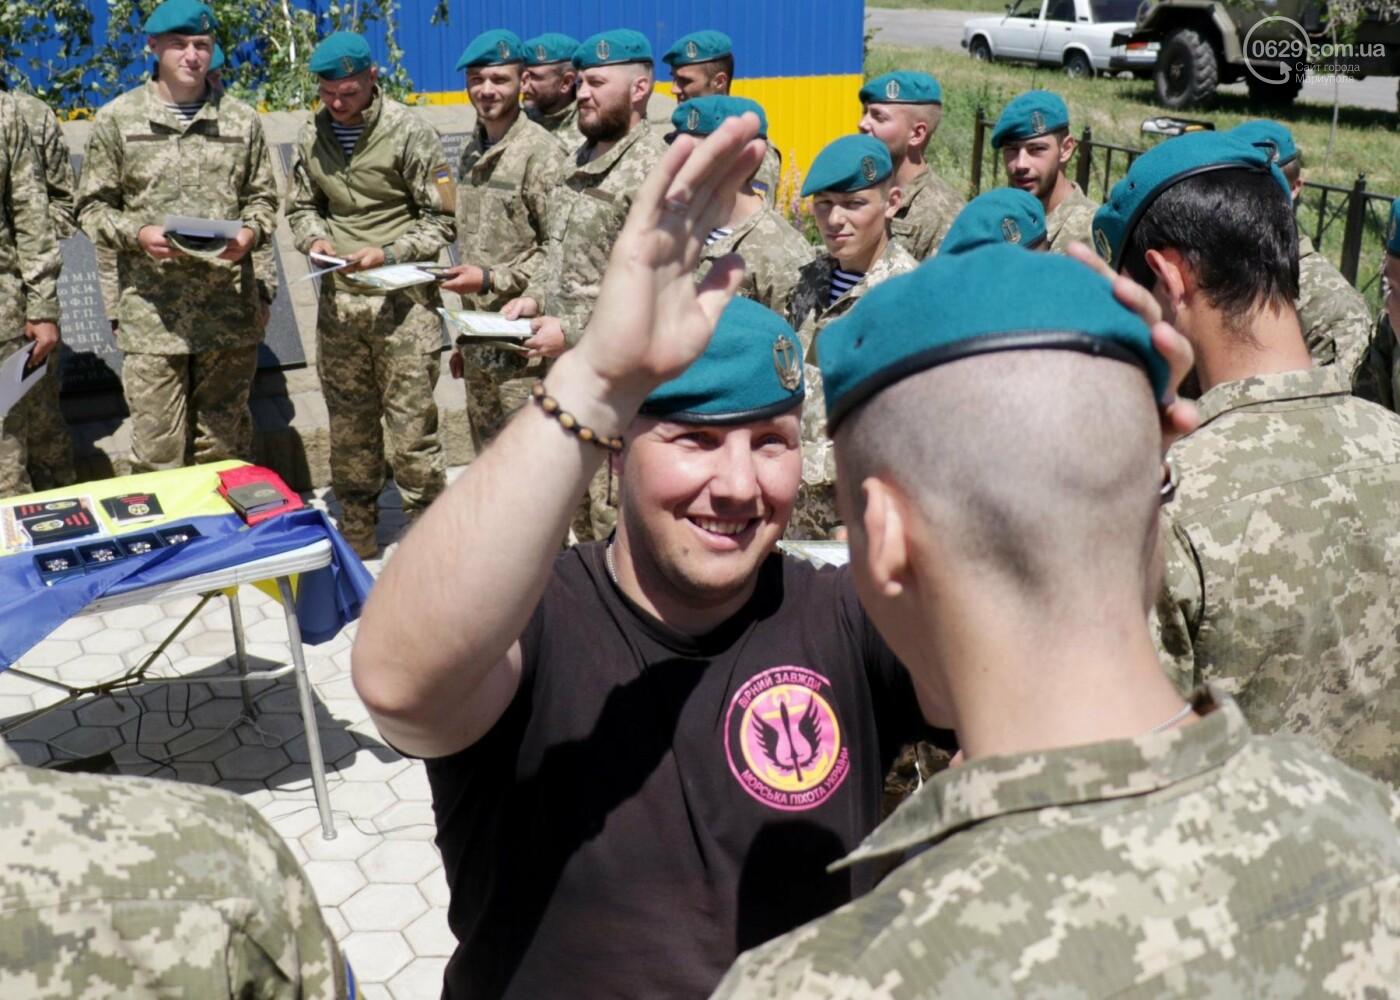 Под Мариуполем морпехи  приняли присягу и получили почетный знак от волонтеров, - ФОТО, ВИДЕО, фото-4